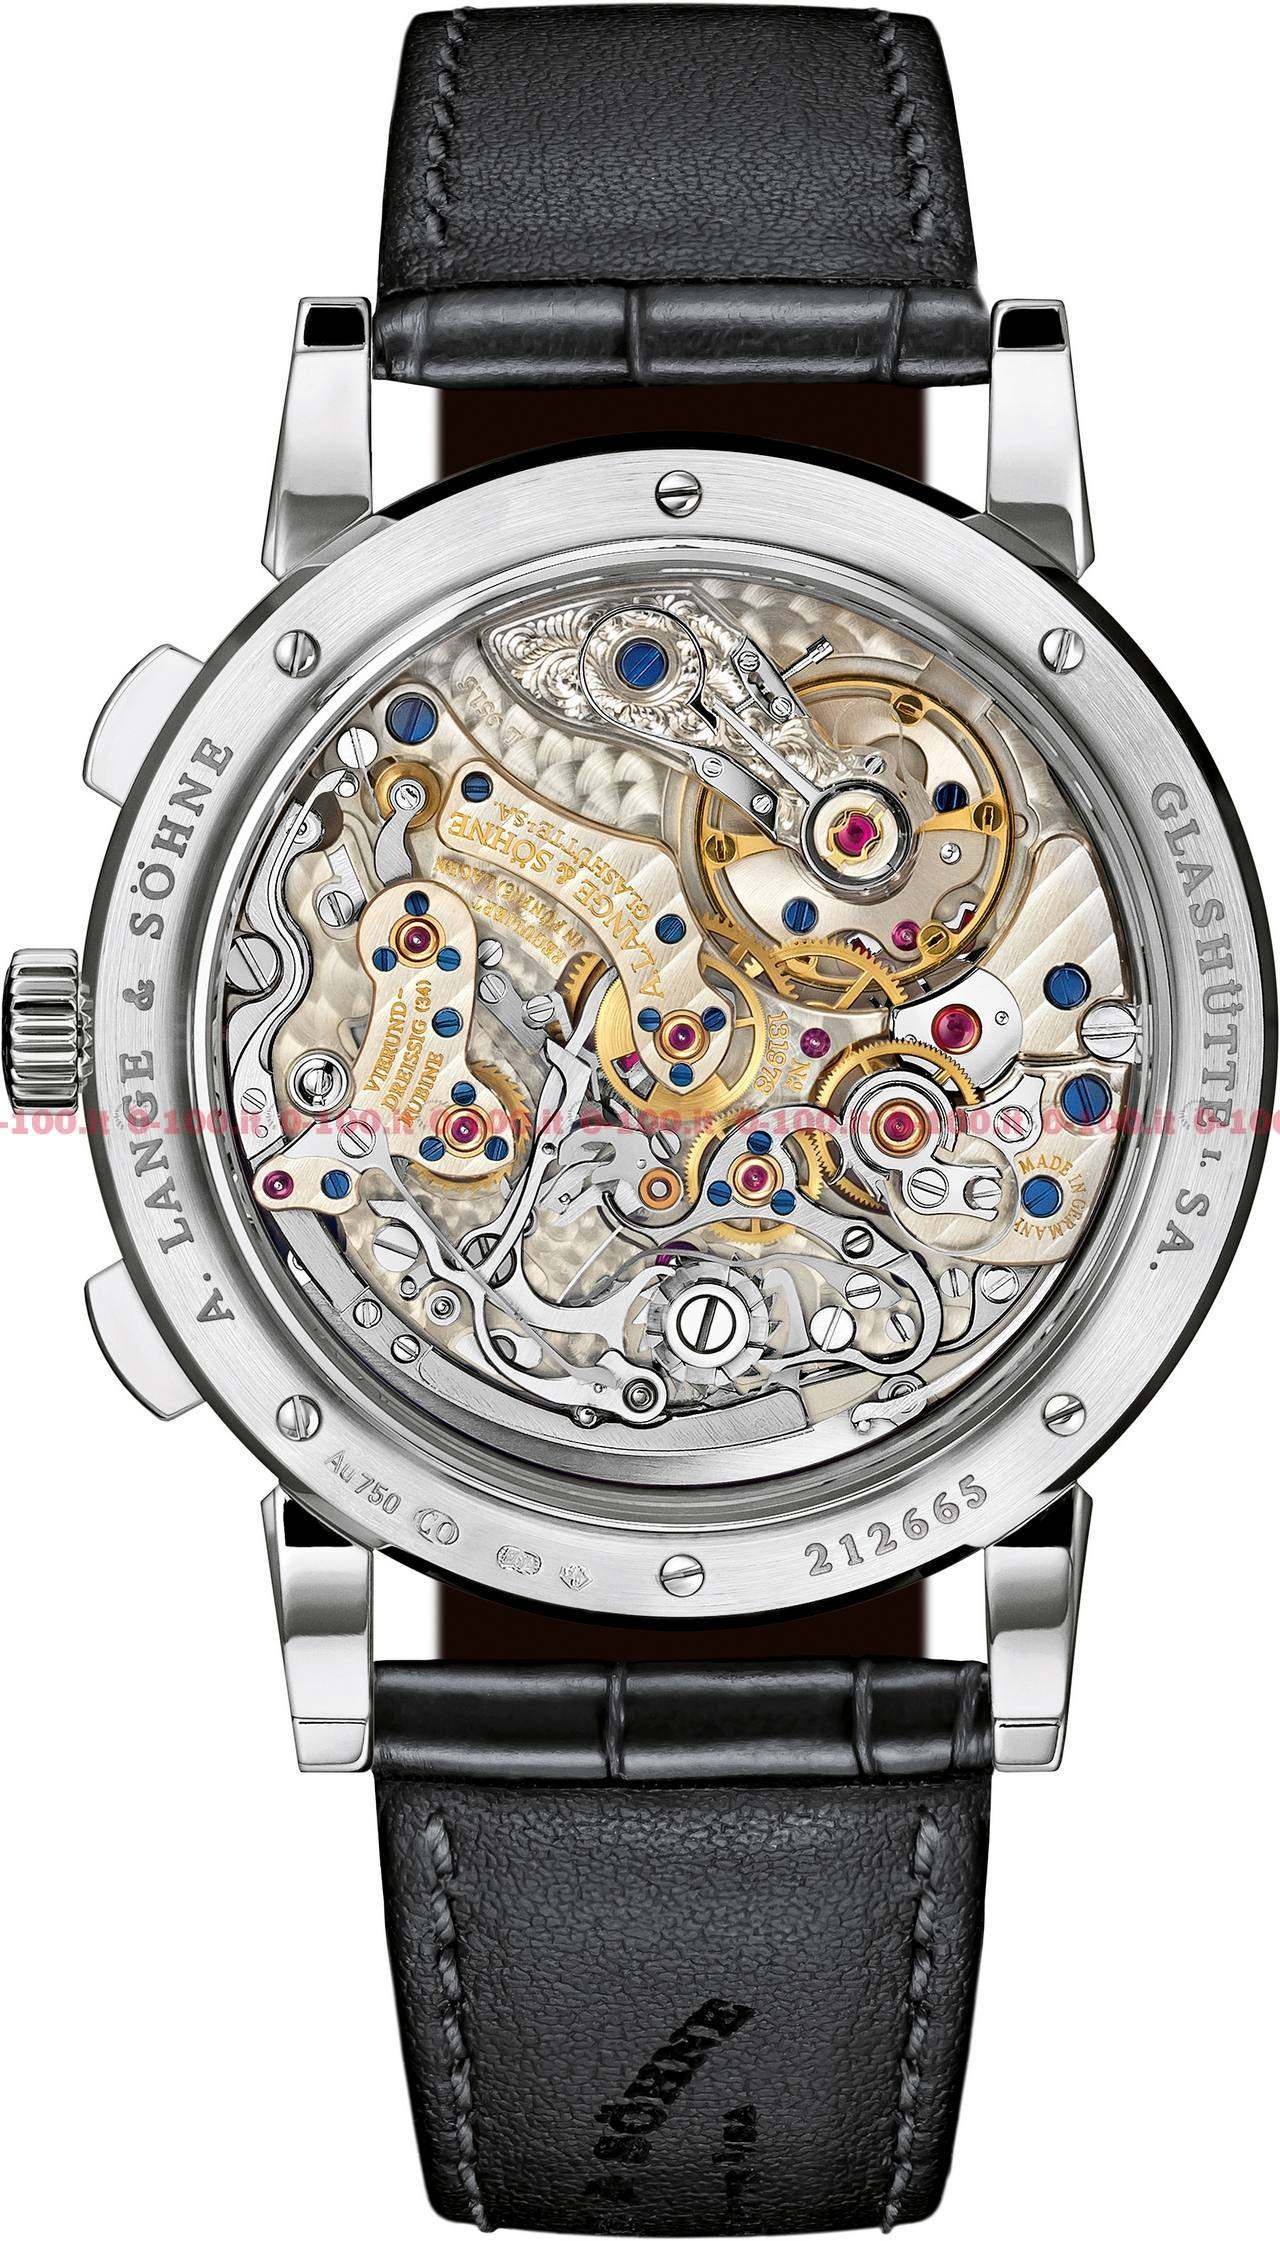 PRIMO CONTATTO A. Lange & Söhne 1815 cronografo_prezzo_price_0-10010